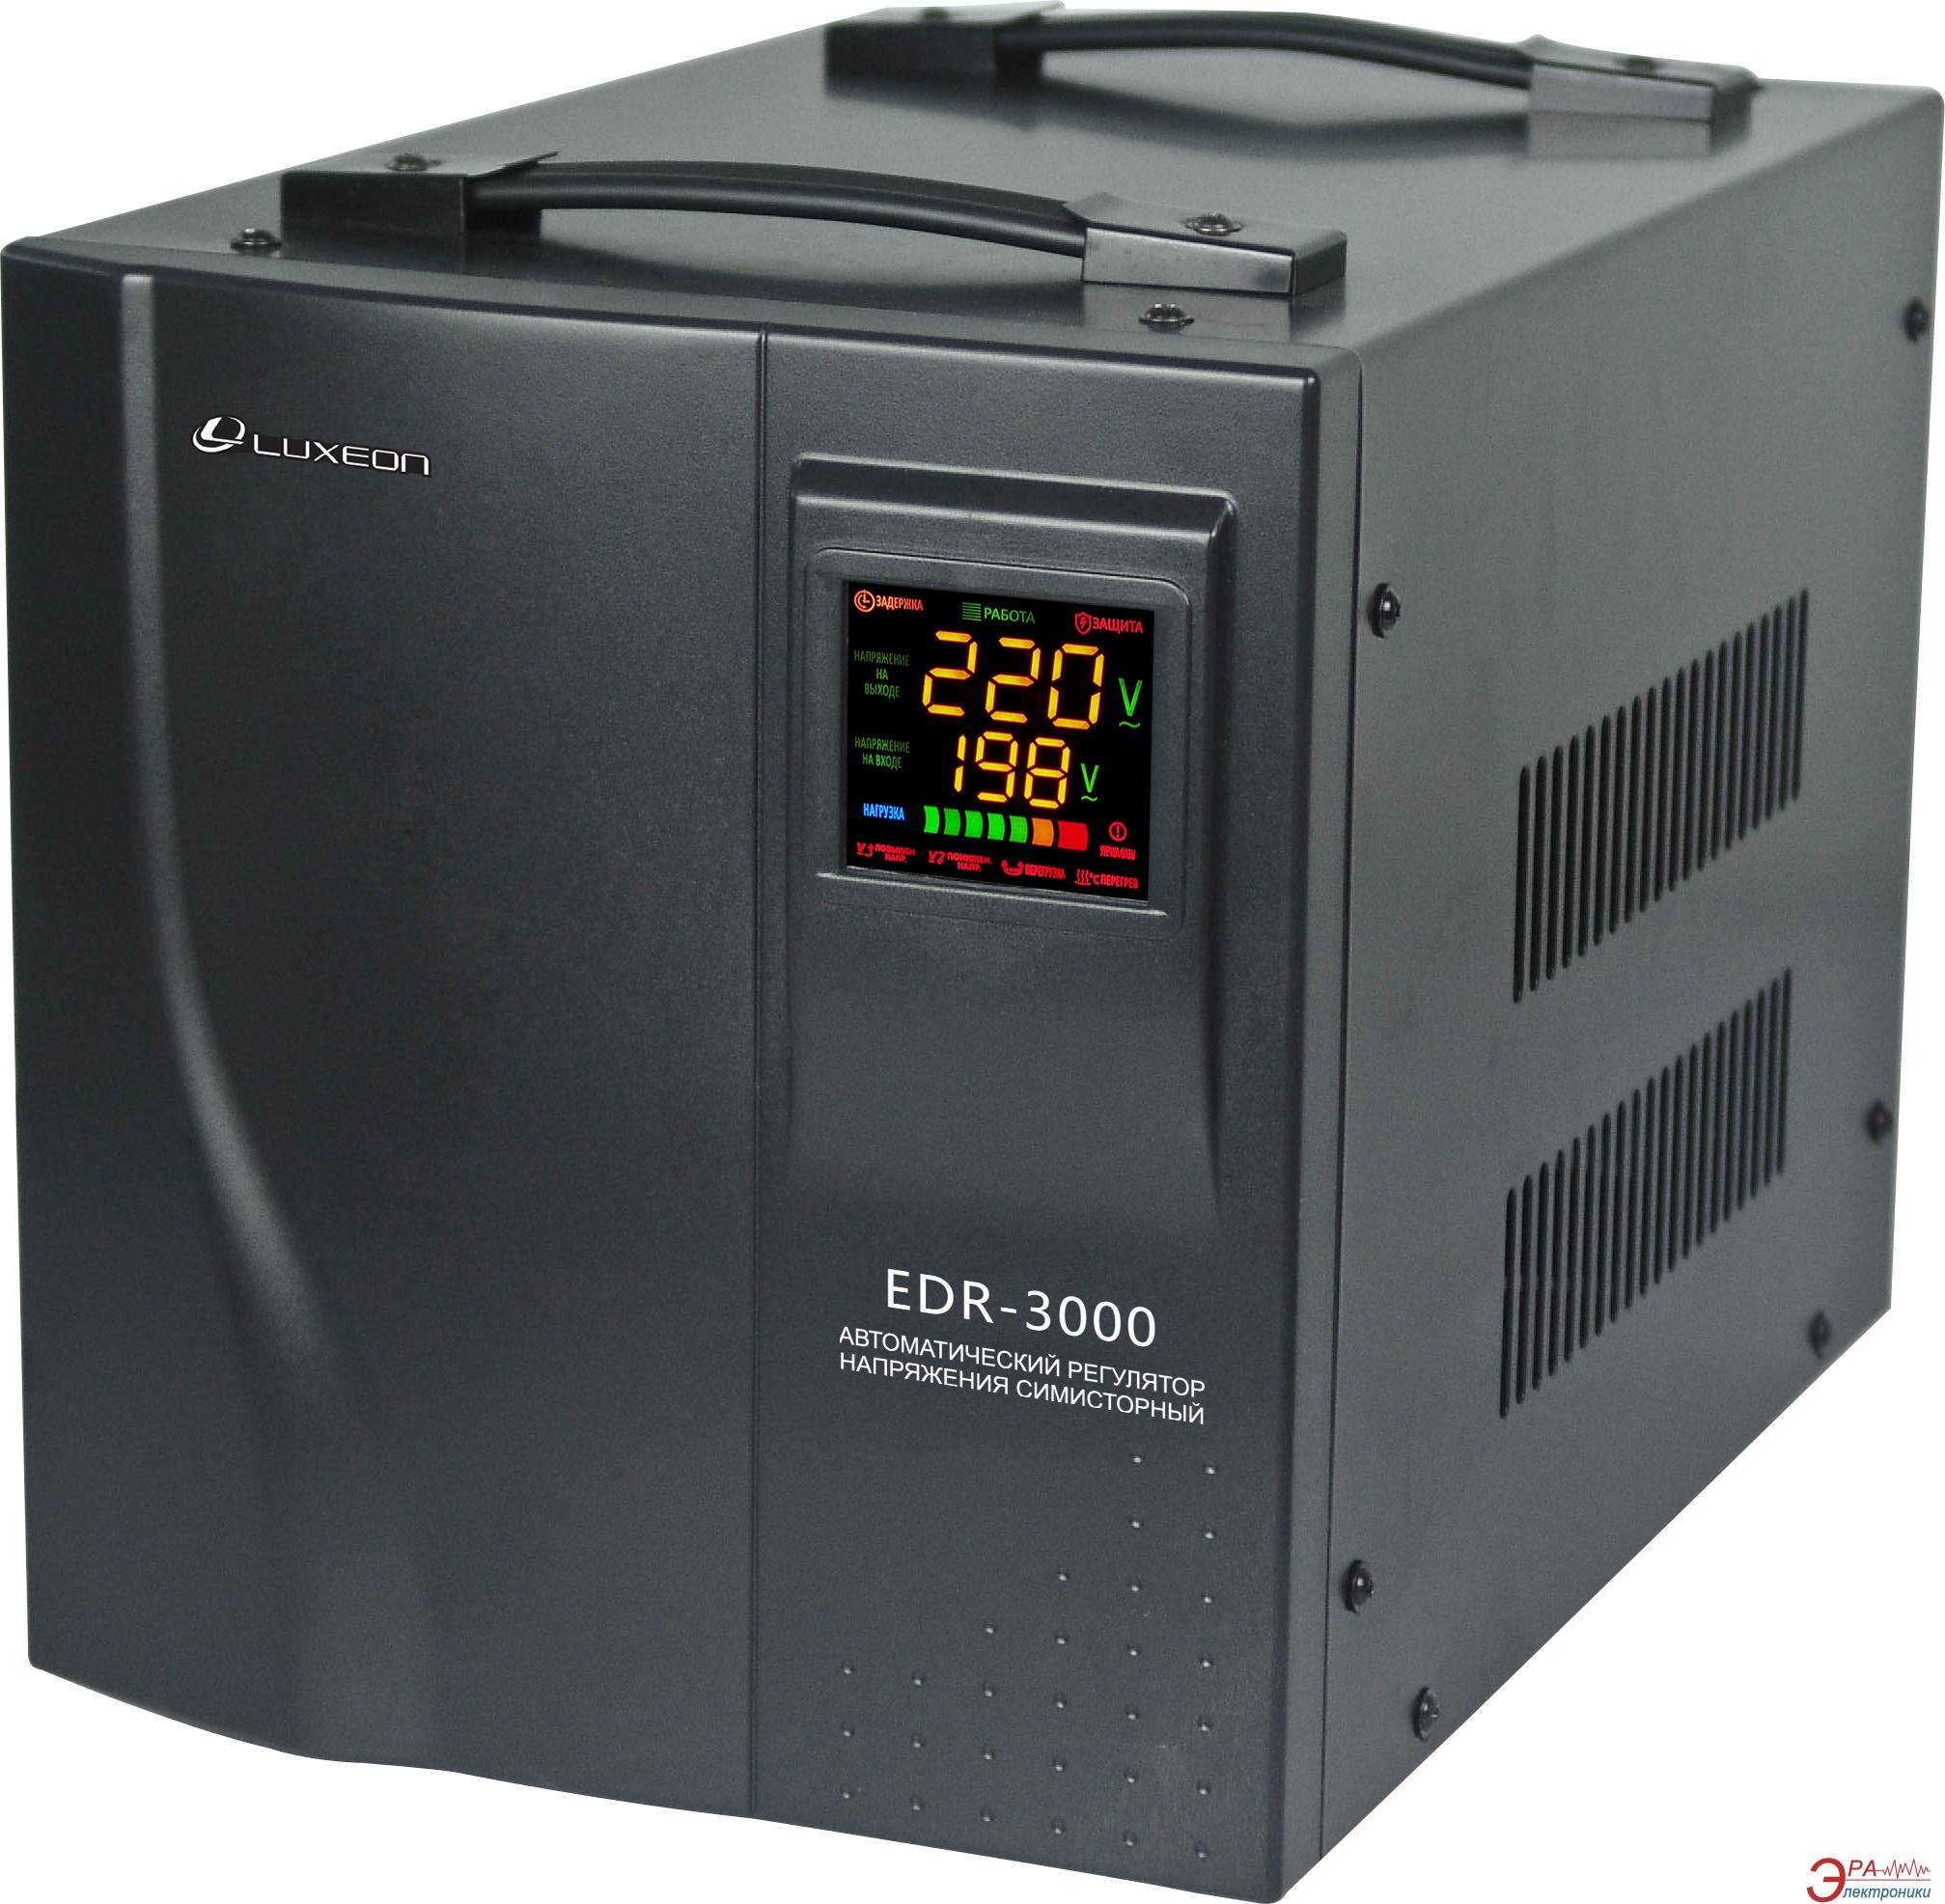 Стабилизатор LUXEON EDR-3000